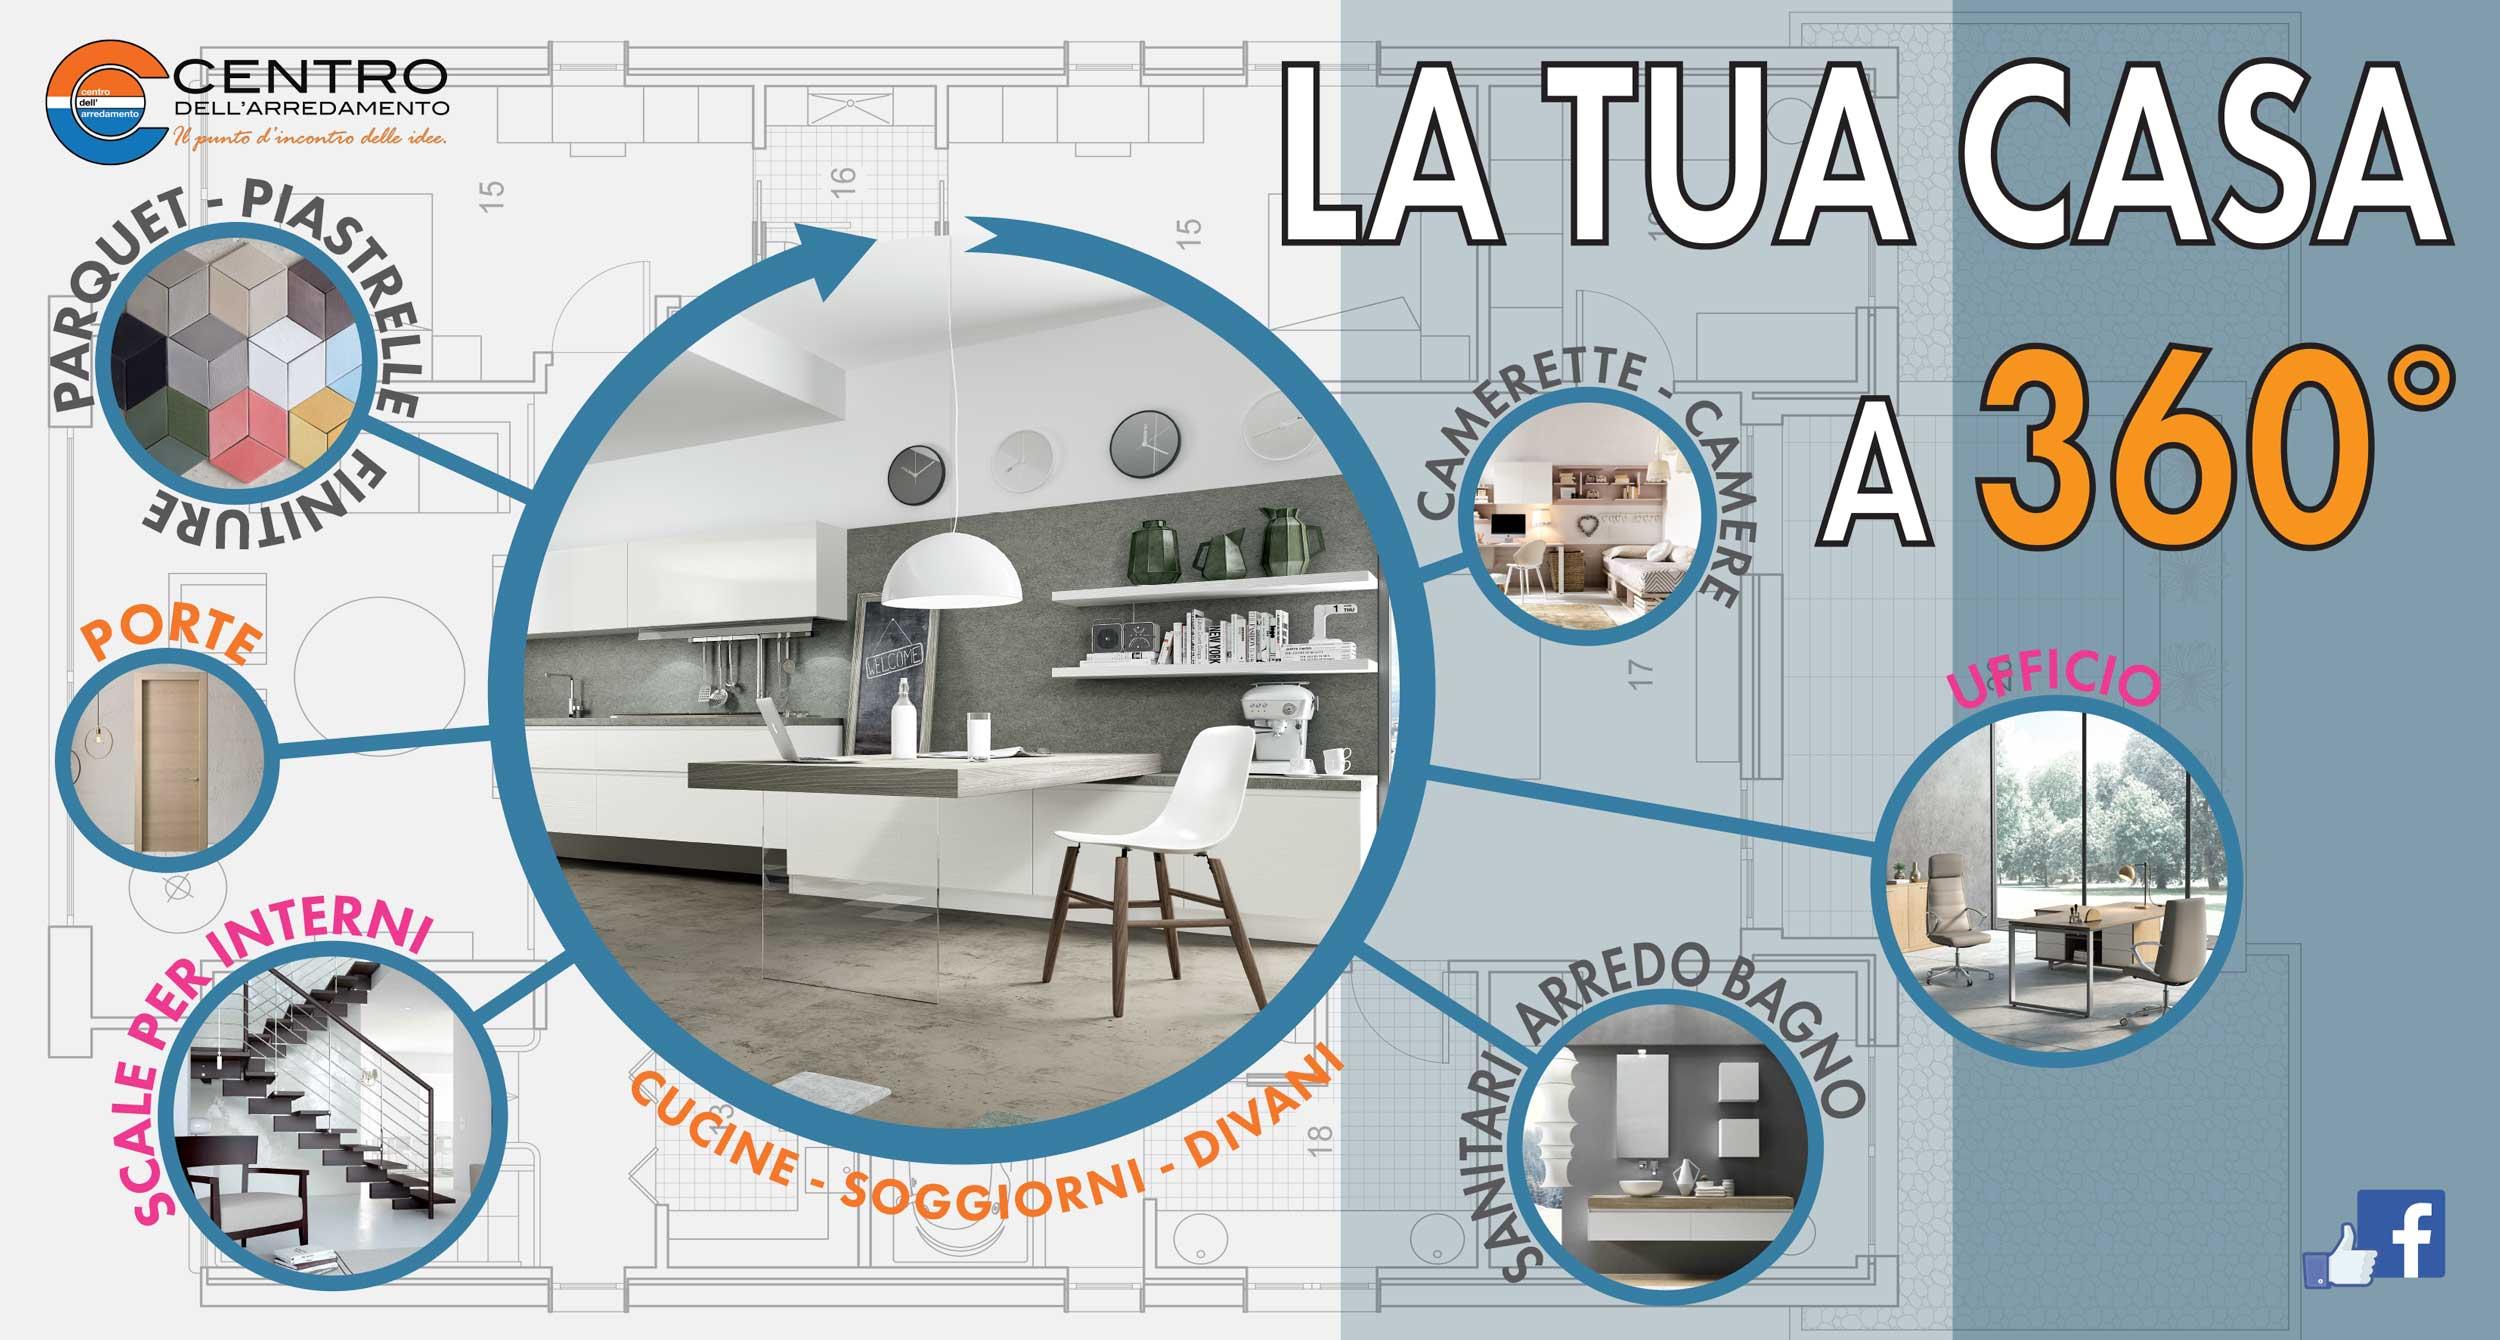 La tua casa a 360 centro dell 39 arredamento di savona for Costruisci la tua casa personalizzata